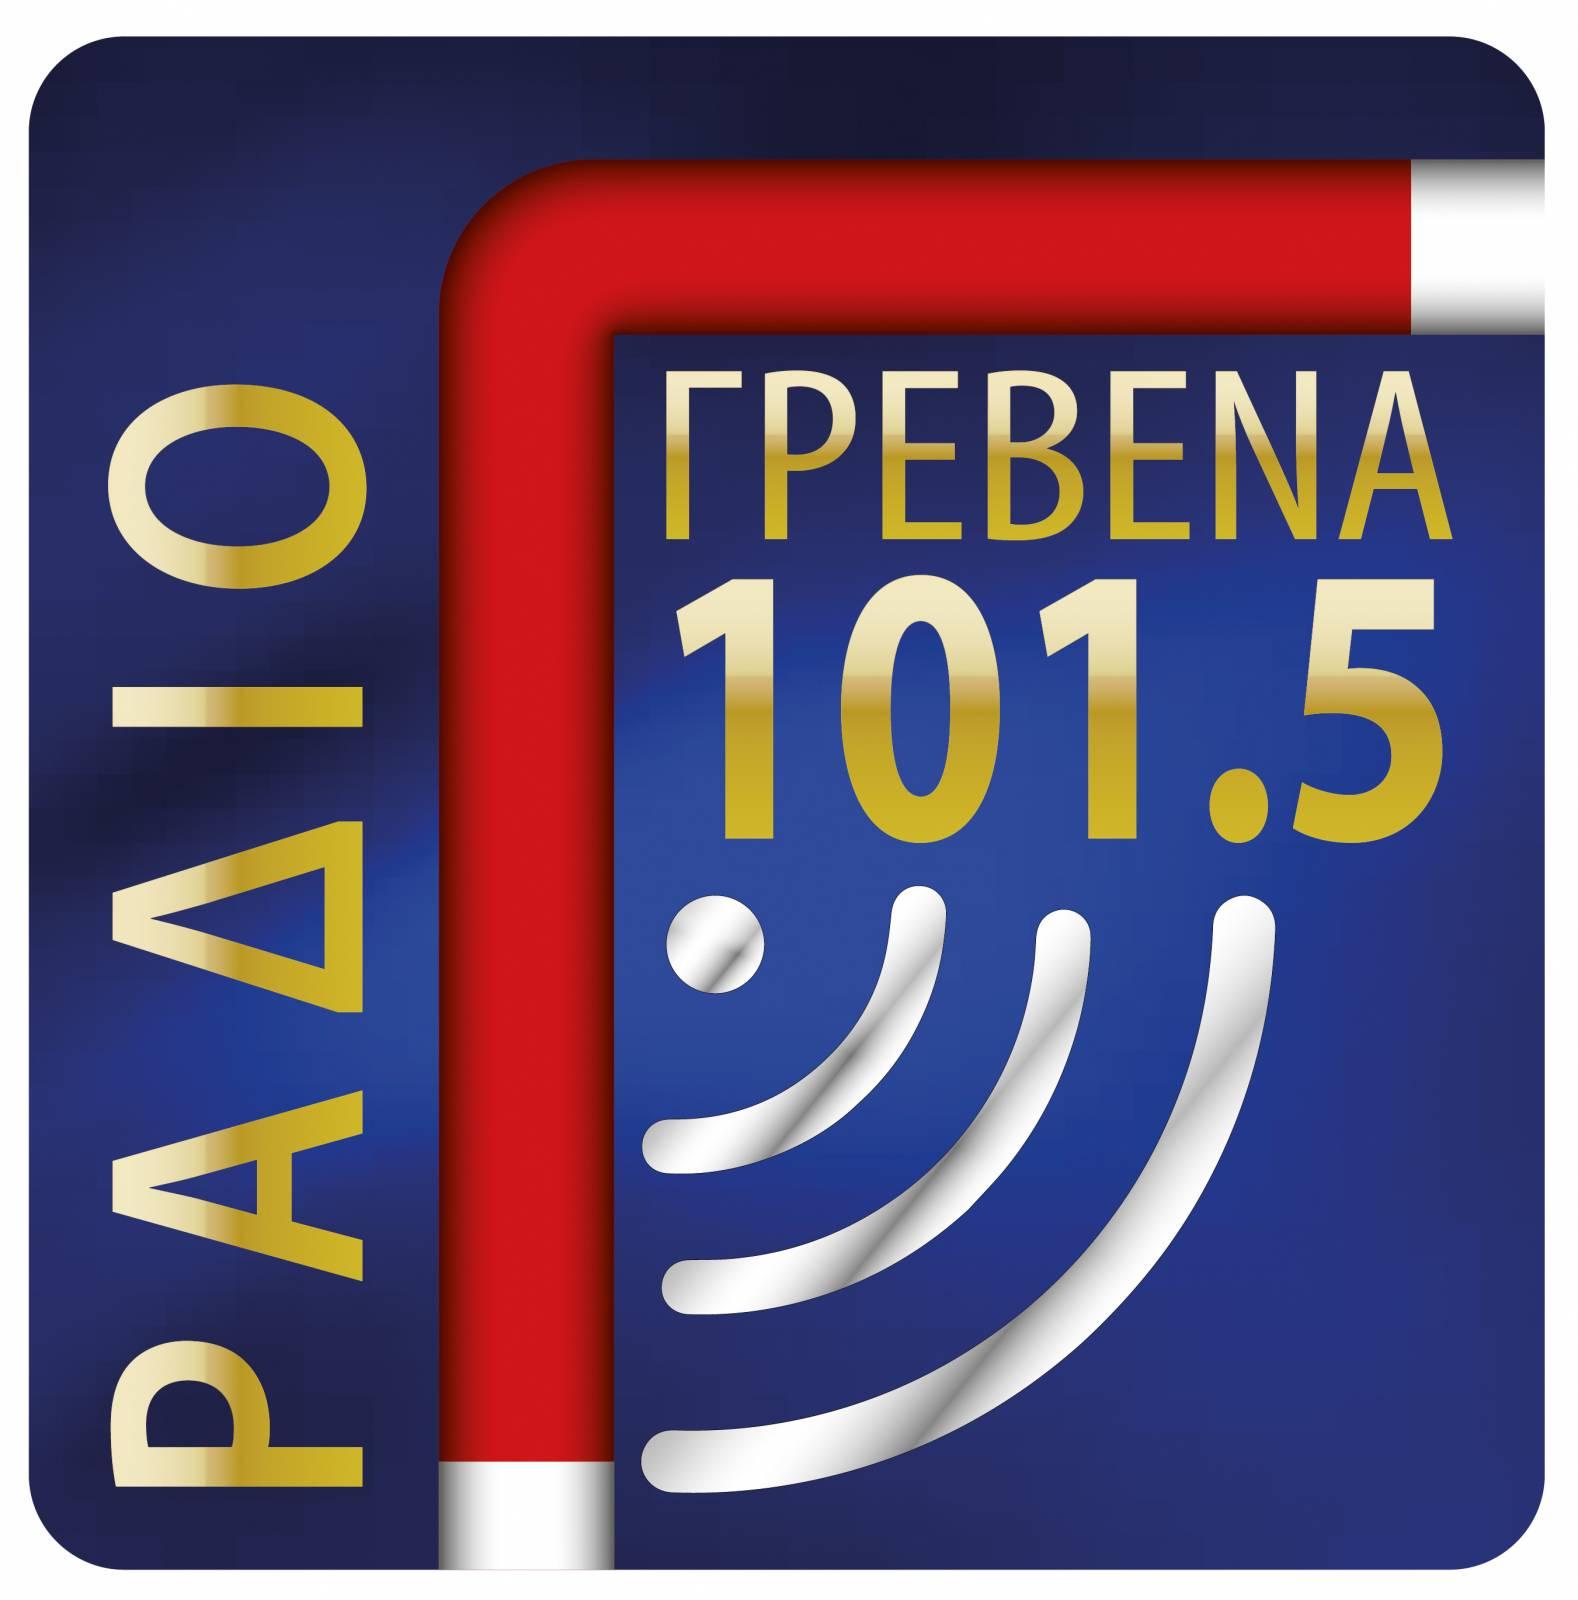 Δύο νέοι συνεργάτες και νέες εκπομπές στο Ράδιο Γρεβενά 101.5